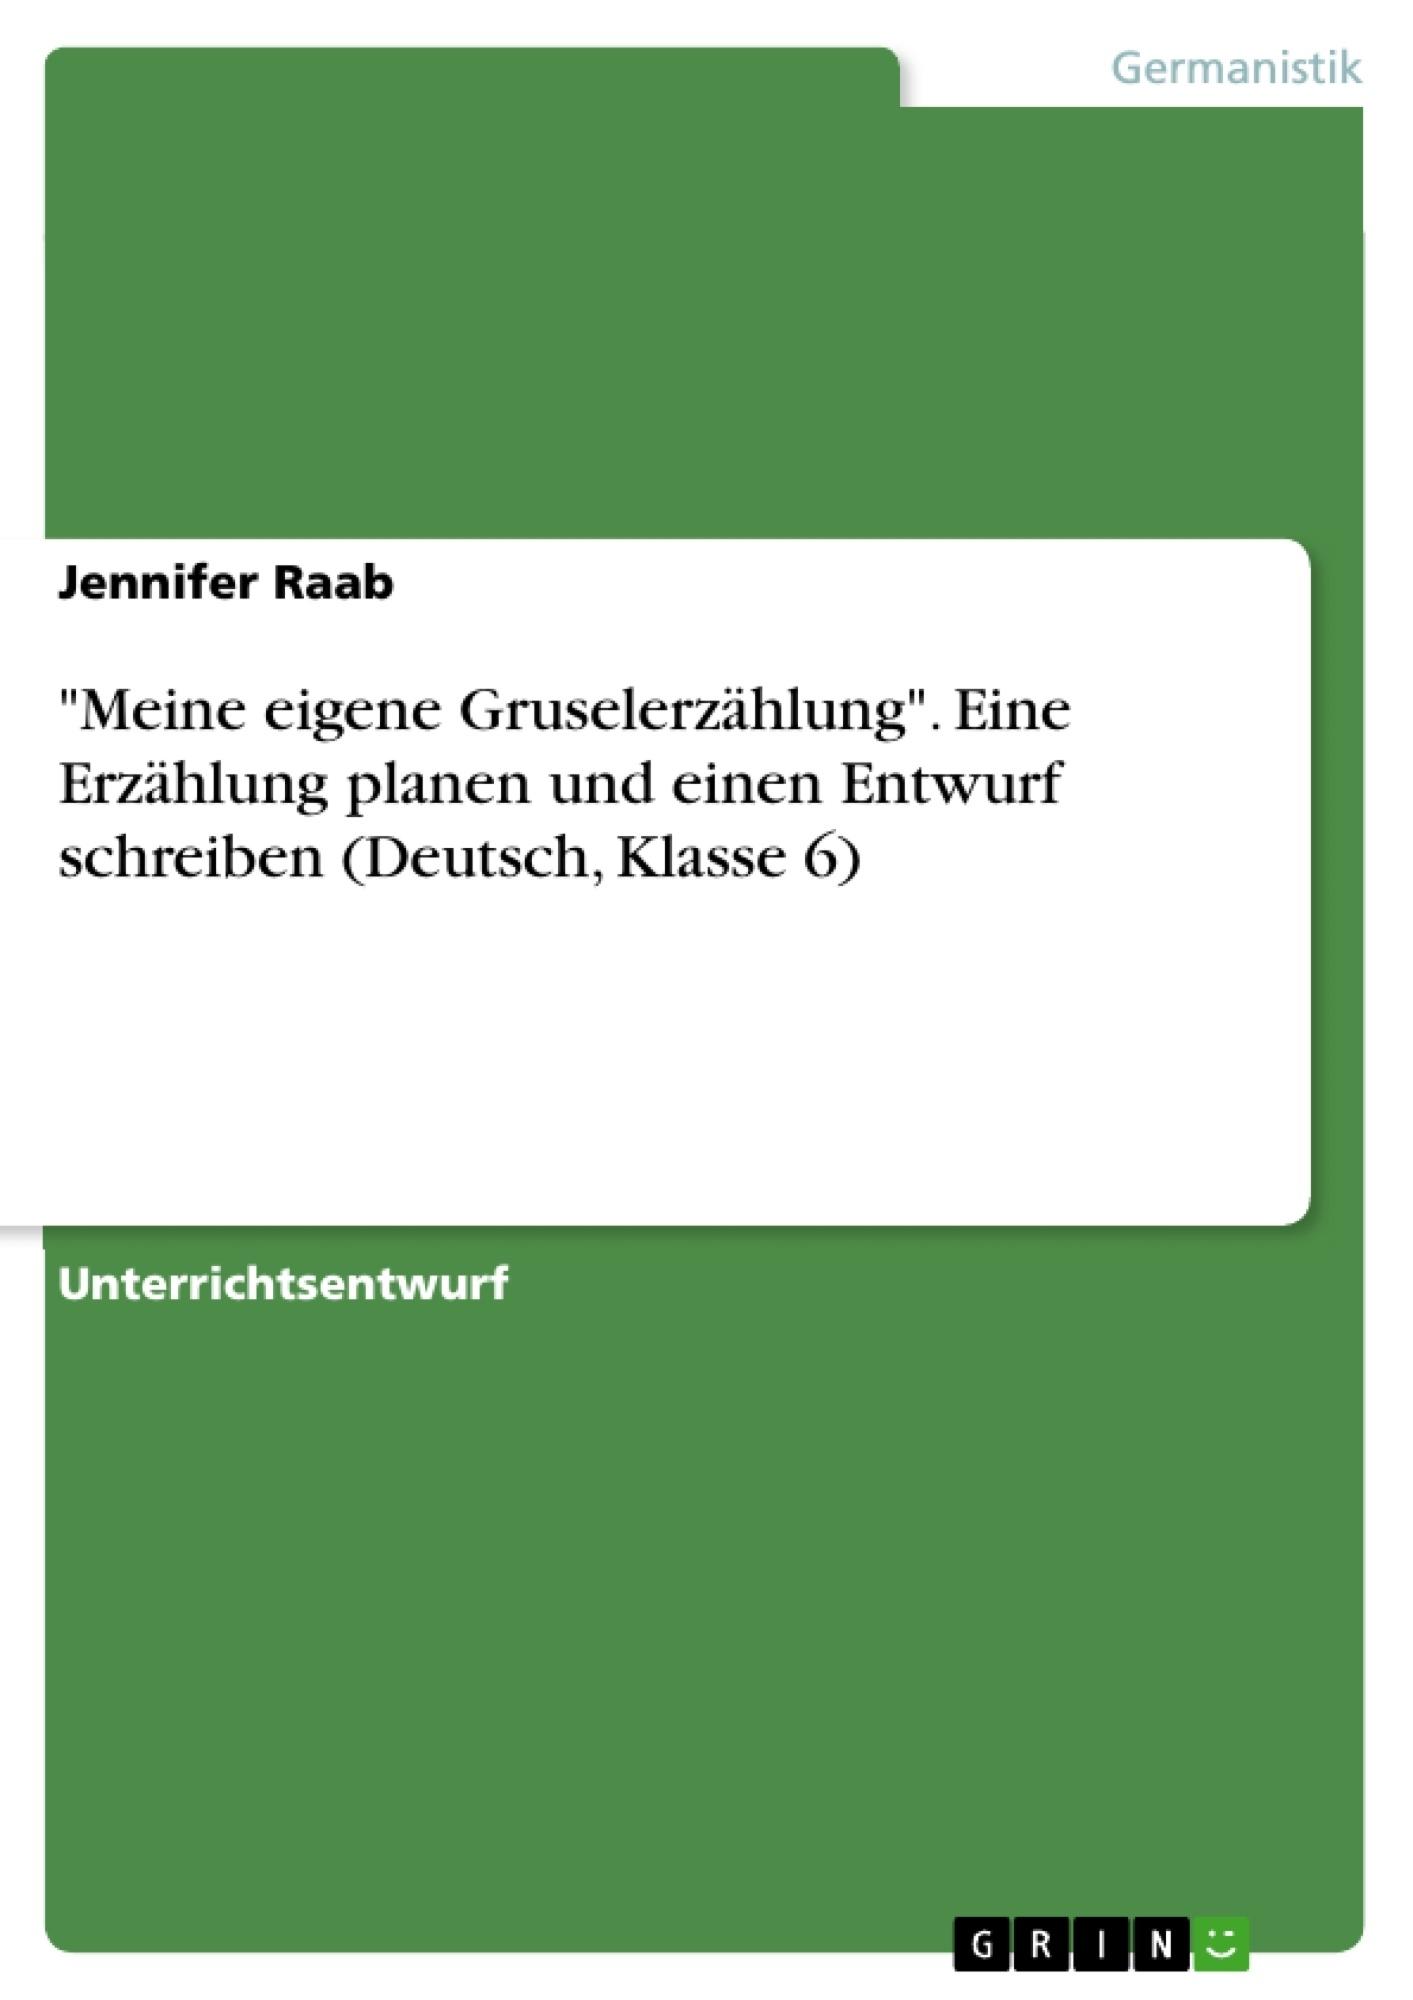 """Titel: """"Meine eigene Gruselerzählung"""". Eine Erzählung planen und einen Entwurf schreiben (Deutsch, Klasse 6)"""